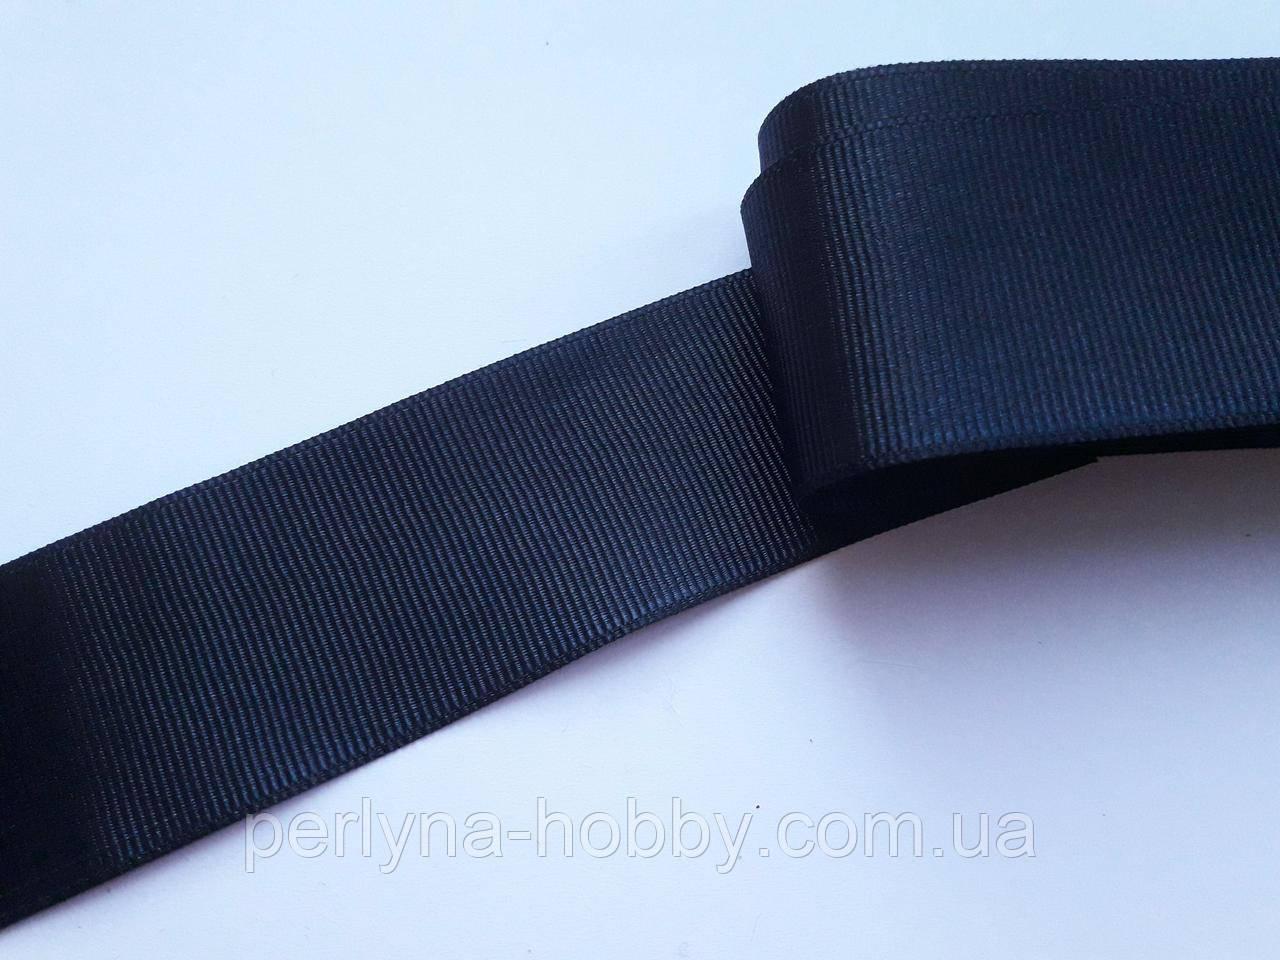 Стрічка репсова 40 мм, темно-синя, найтемніша №99. Туреччина